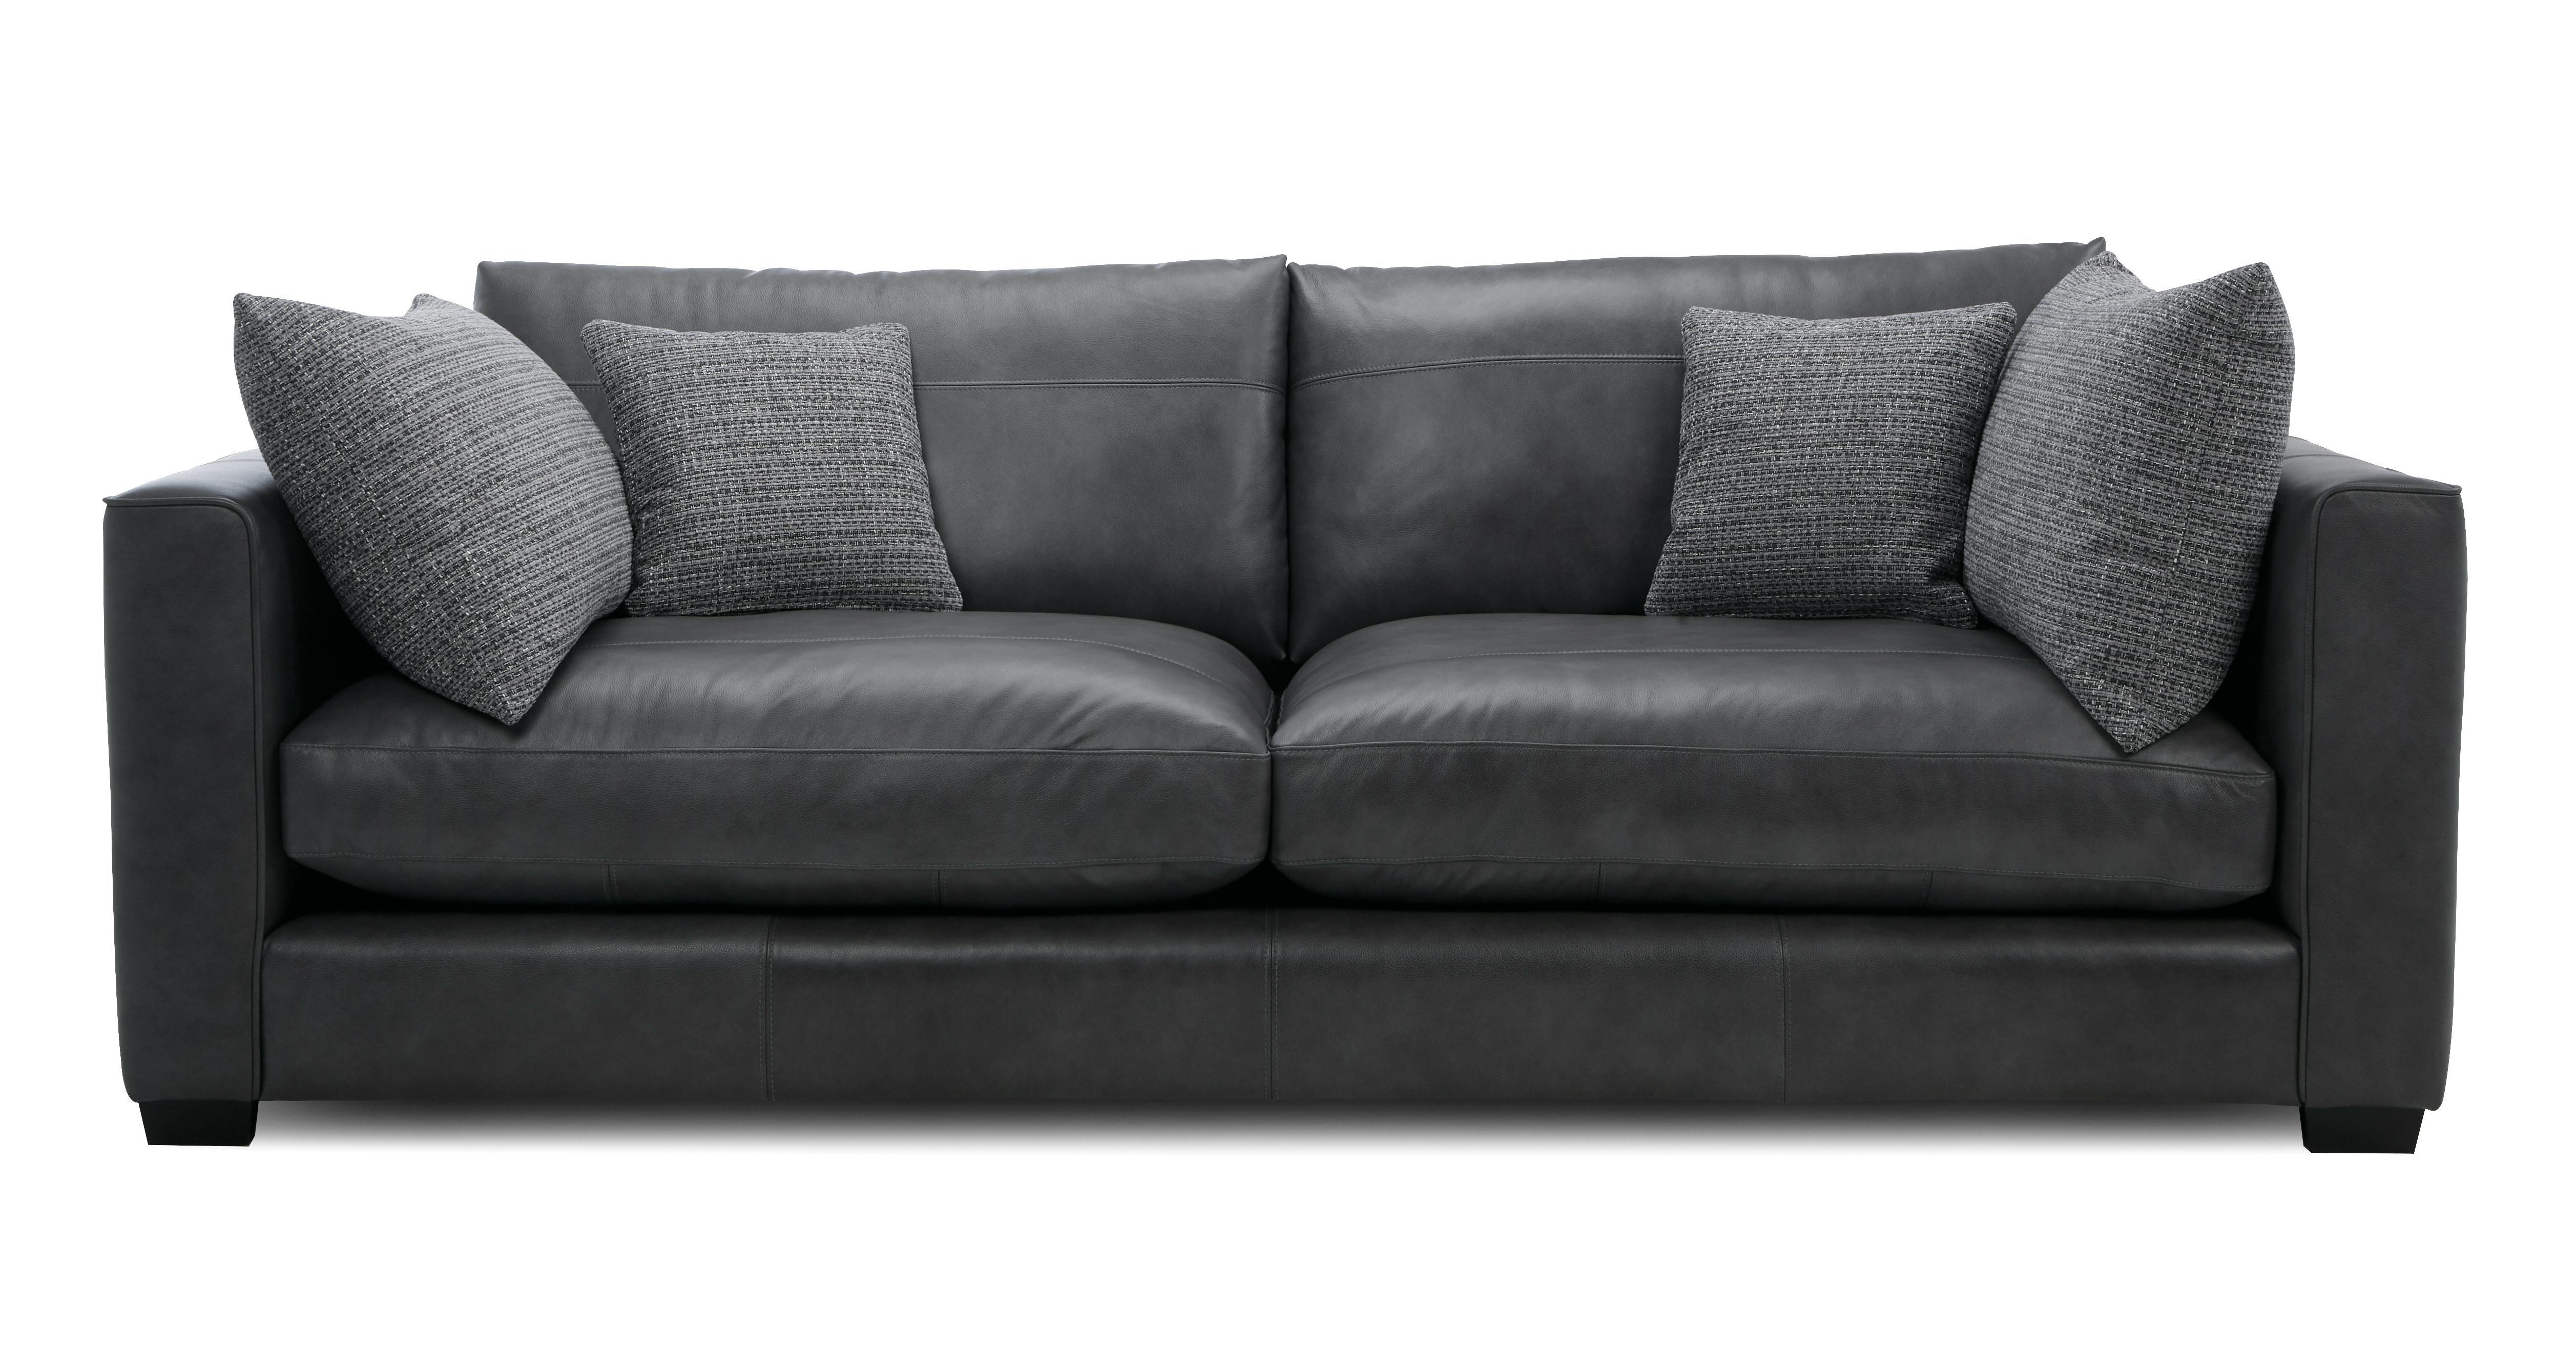 Dfs 4 Seater Sofa Keaton In 2020 Sofa Leather Sofa Bed 3 Seater Sofa